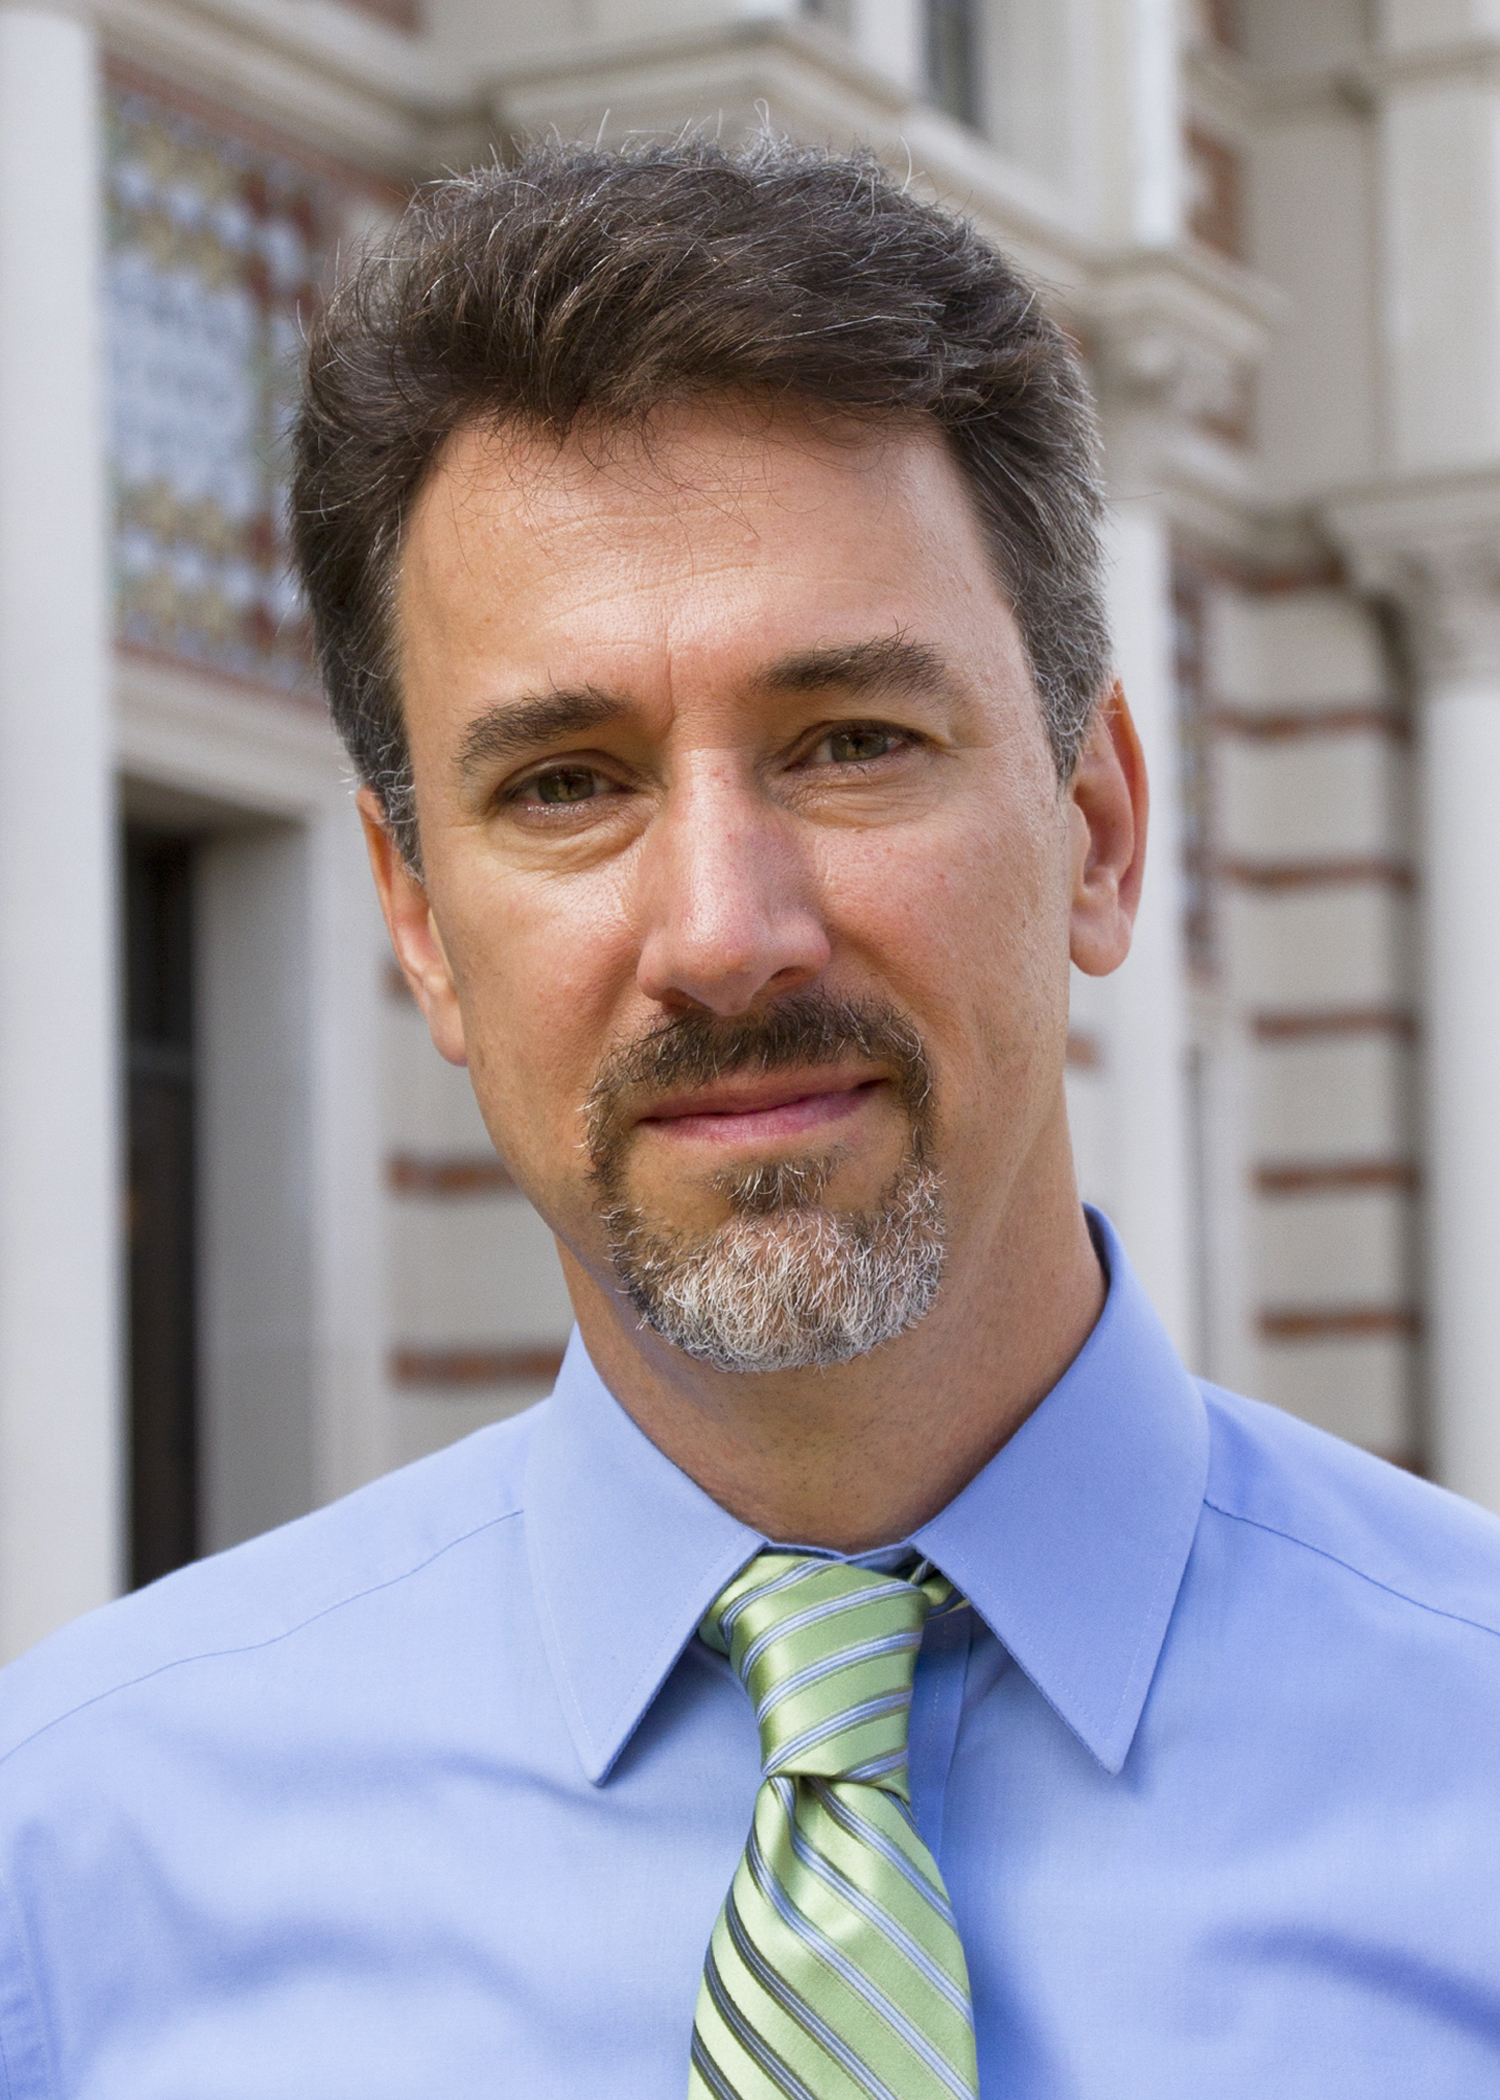 Associate Jim Krane